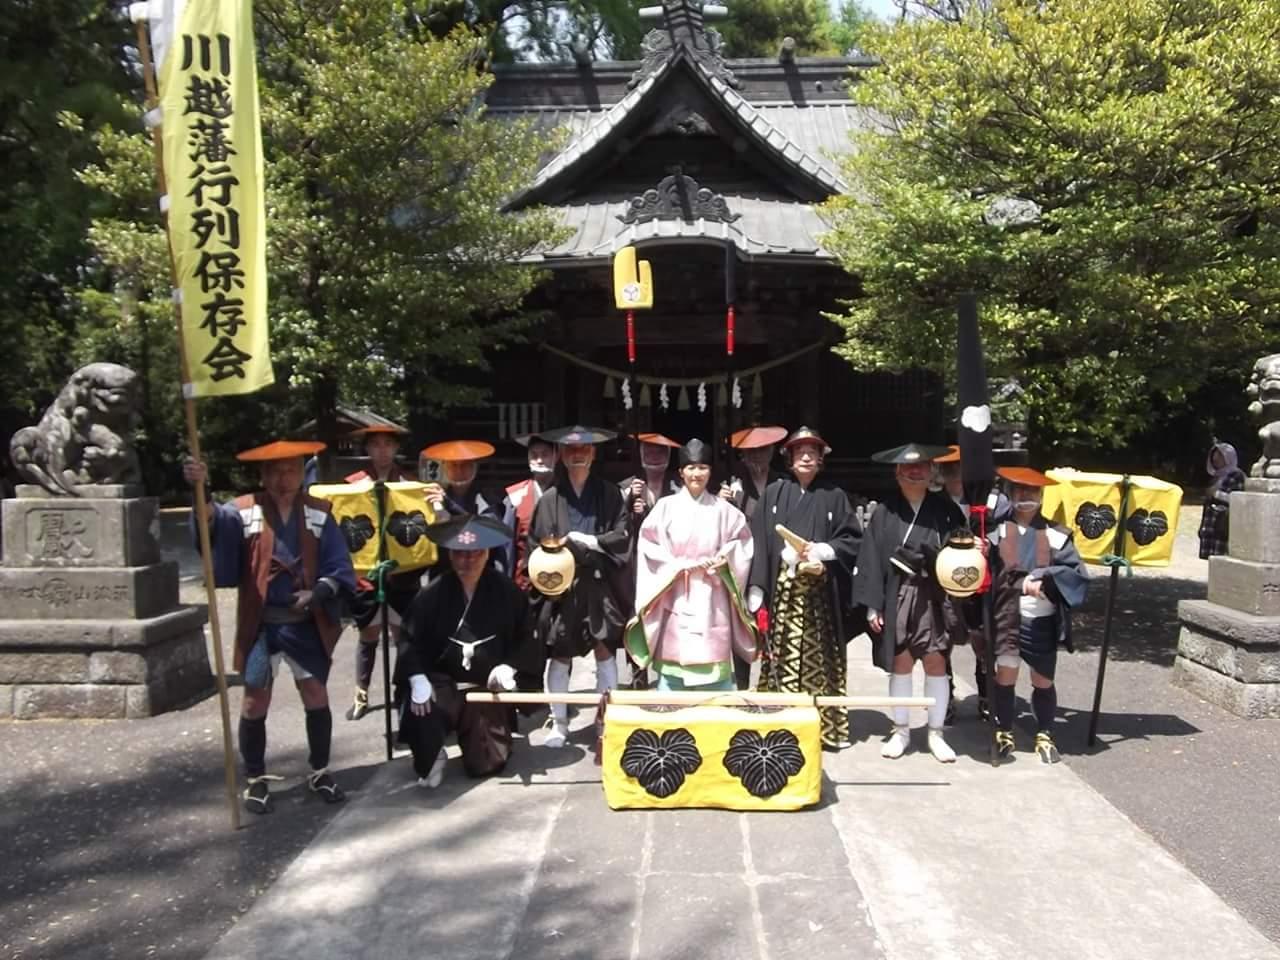 加須市騎西 玉敷神社にて